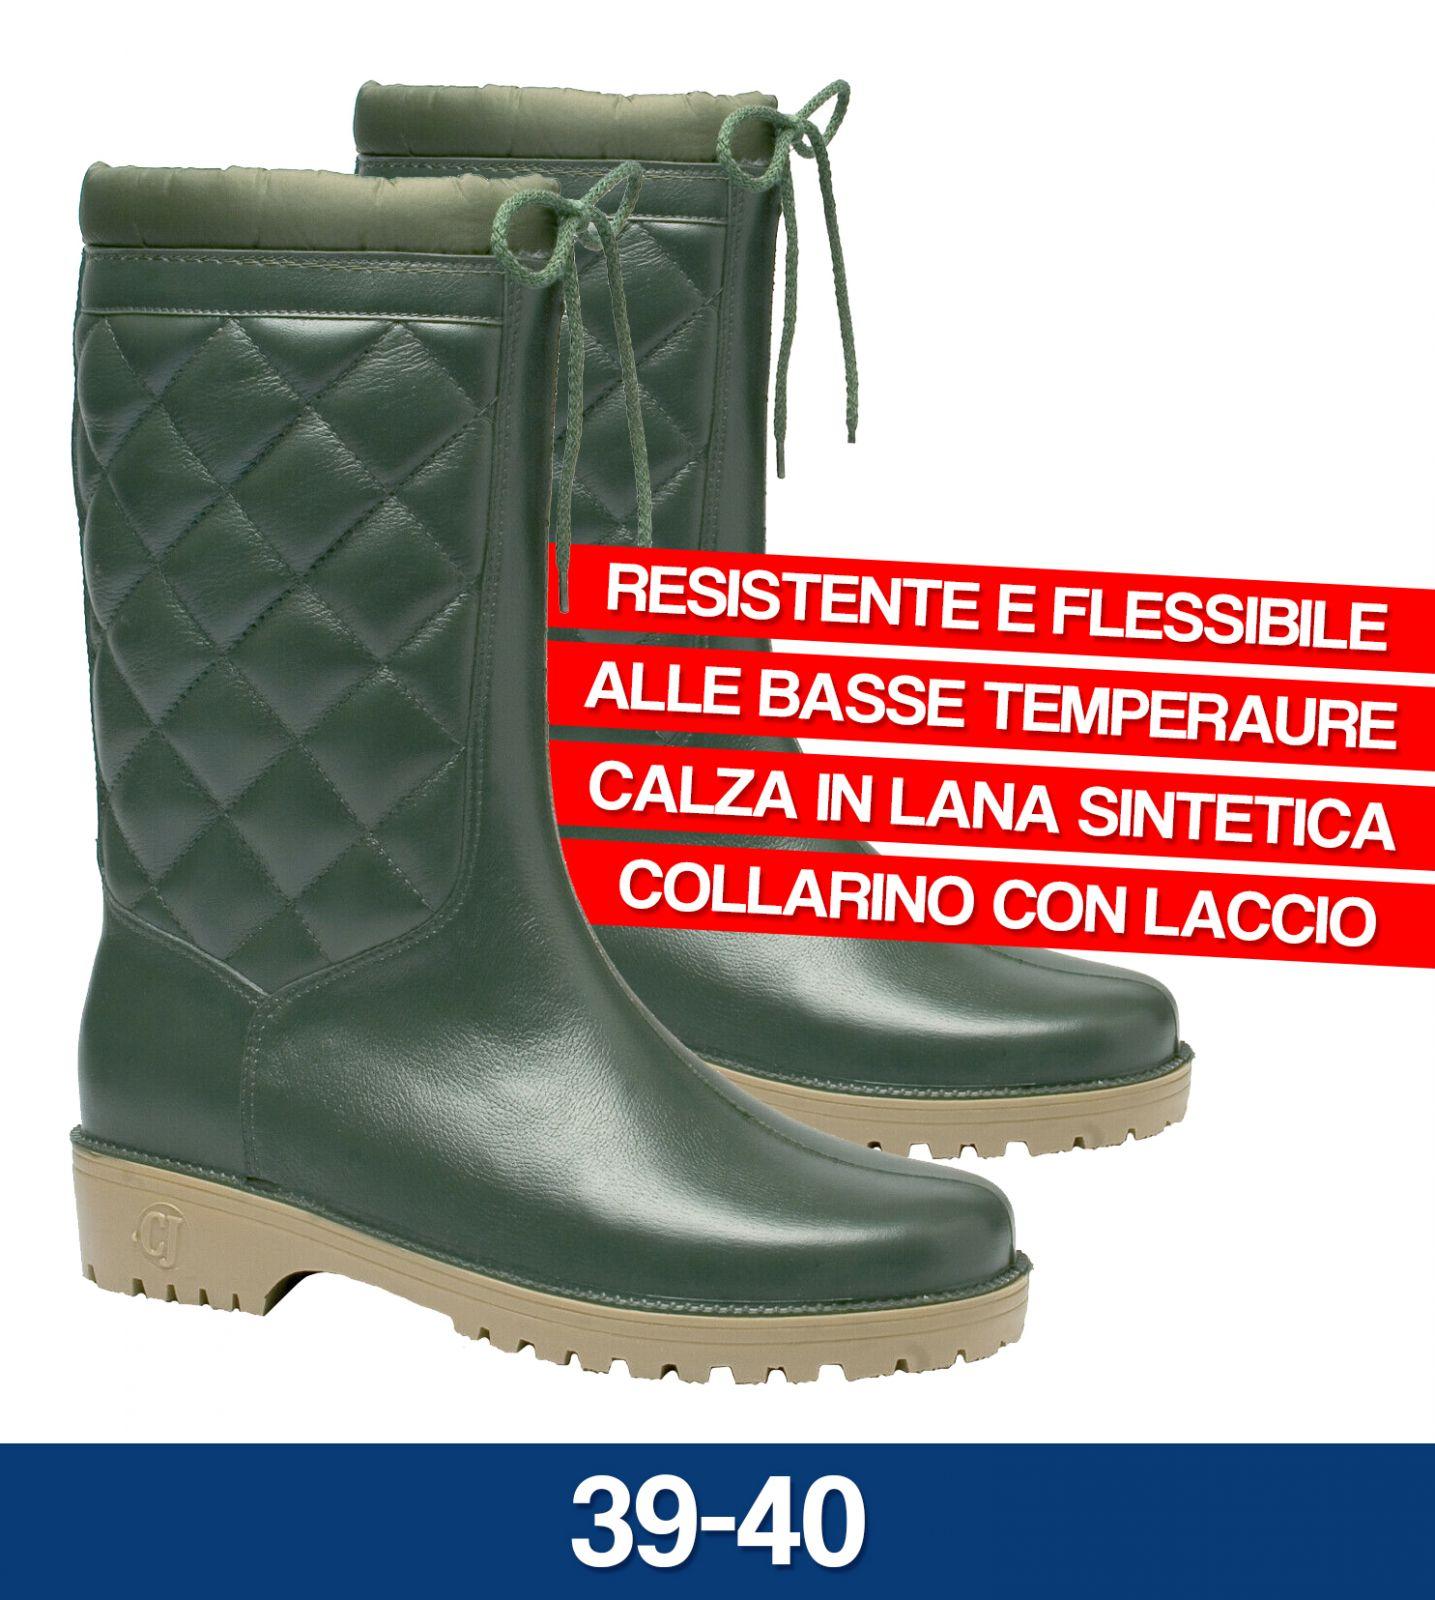 STIVALE TERMICI IN PVC WALENKY CON IMBOTTITURA PESCA LAVORO CACCIA (30881V)